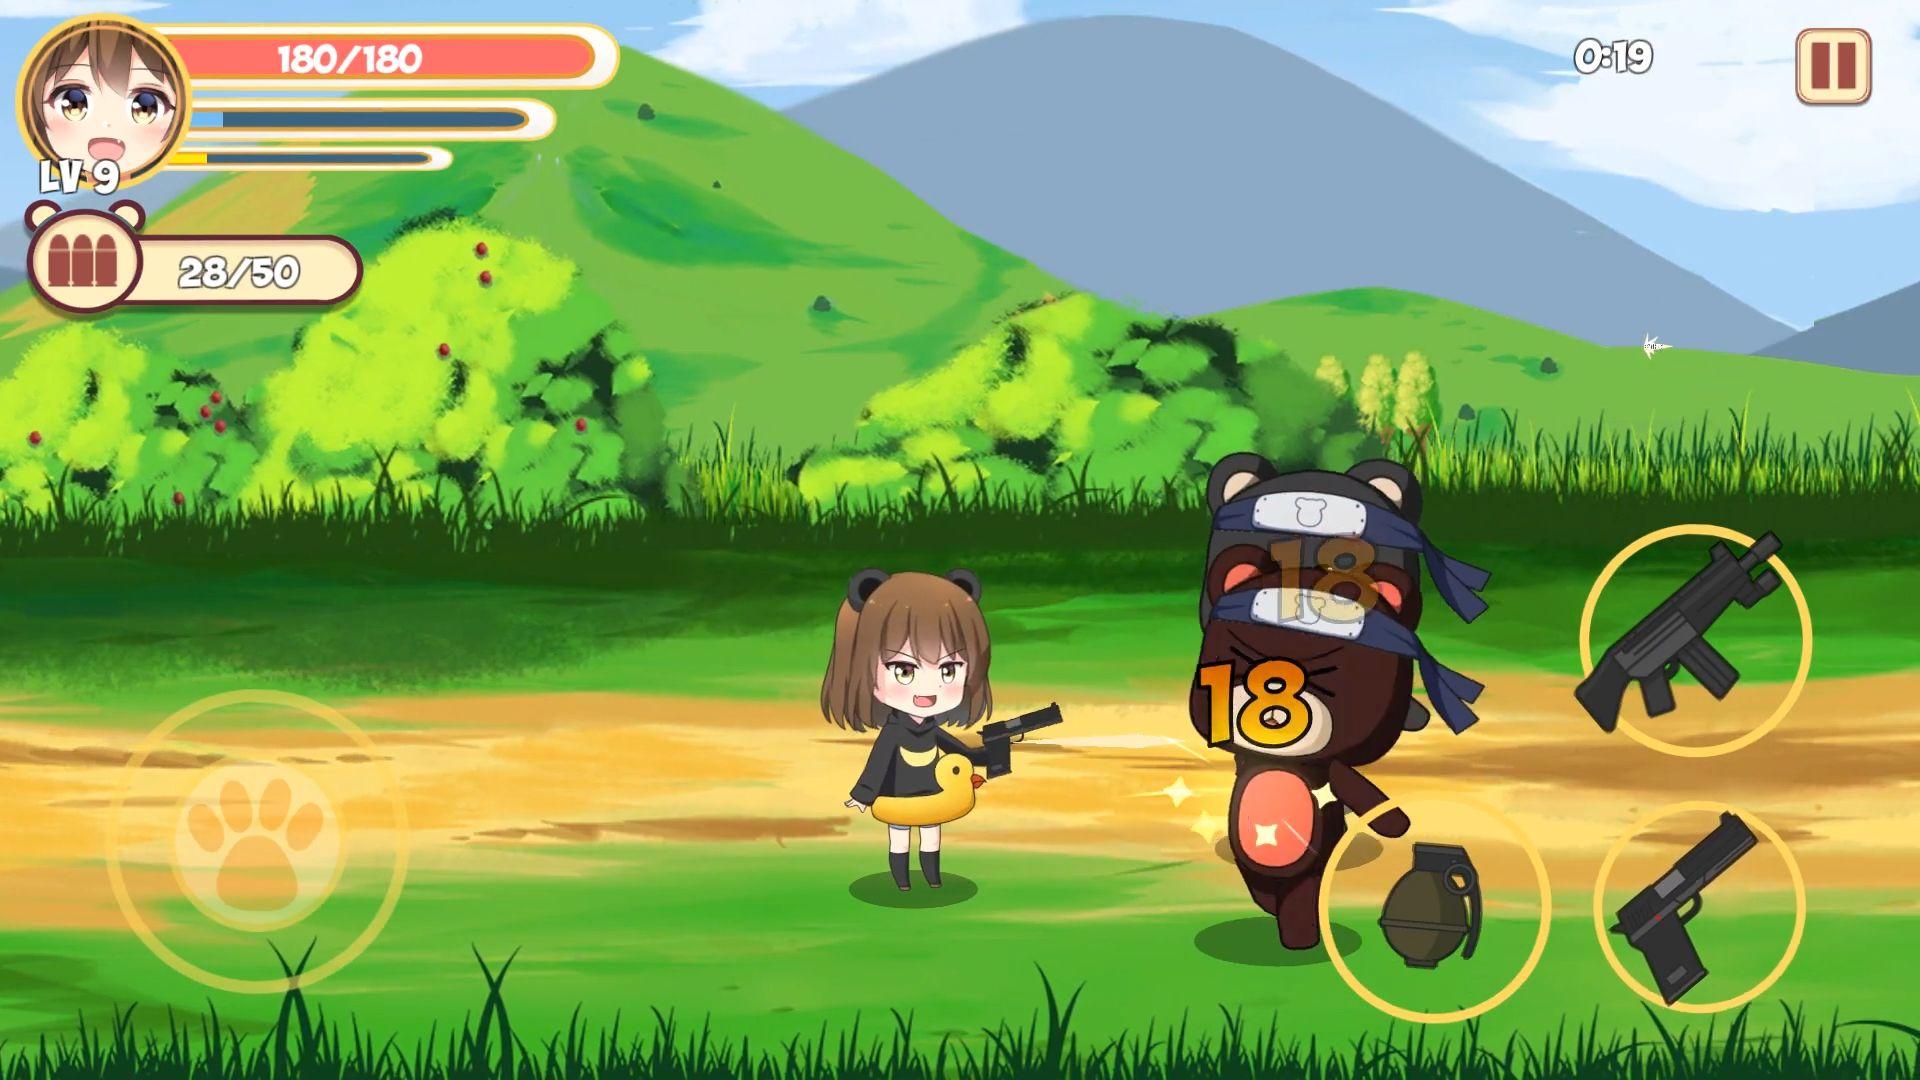 Pandaclip: The Black Thief - Action RPG Shooter screenshot 1